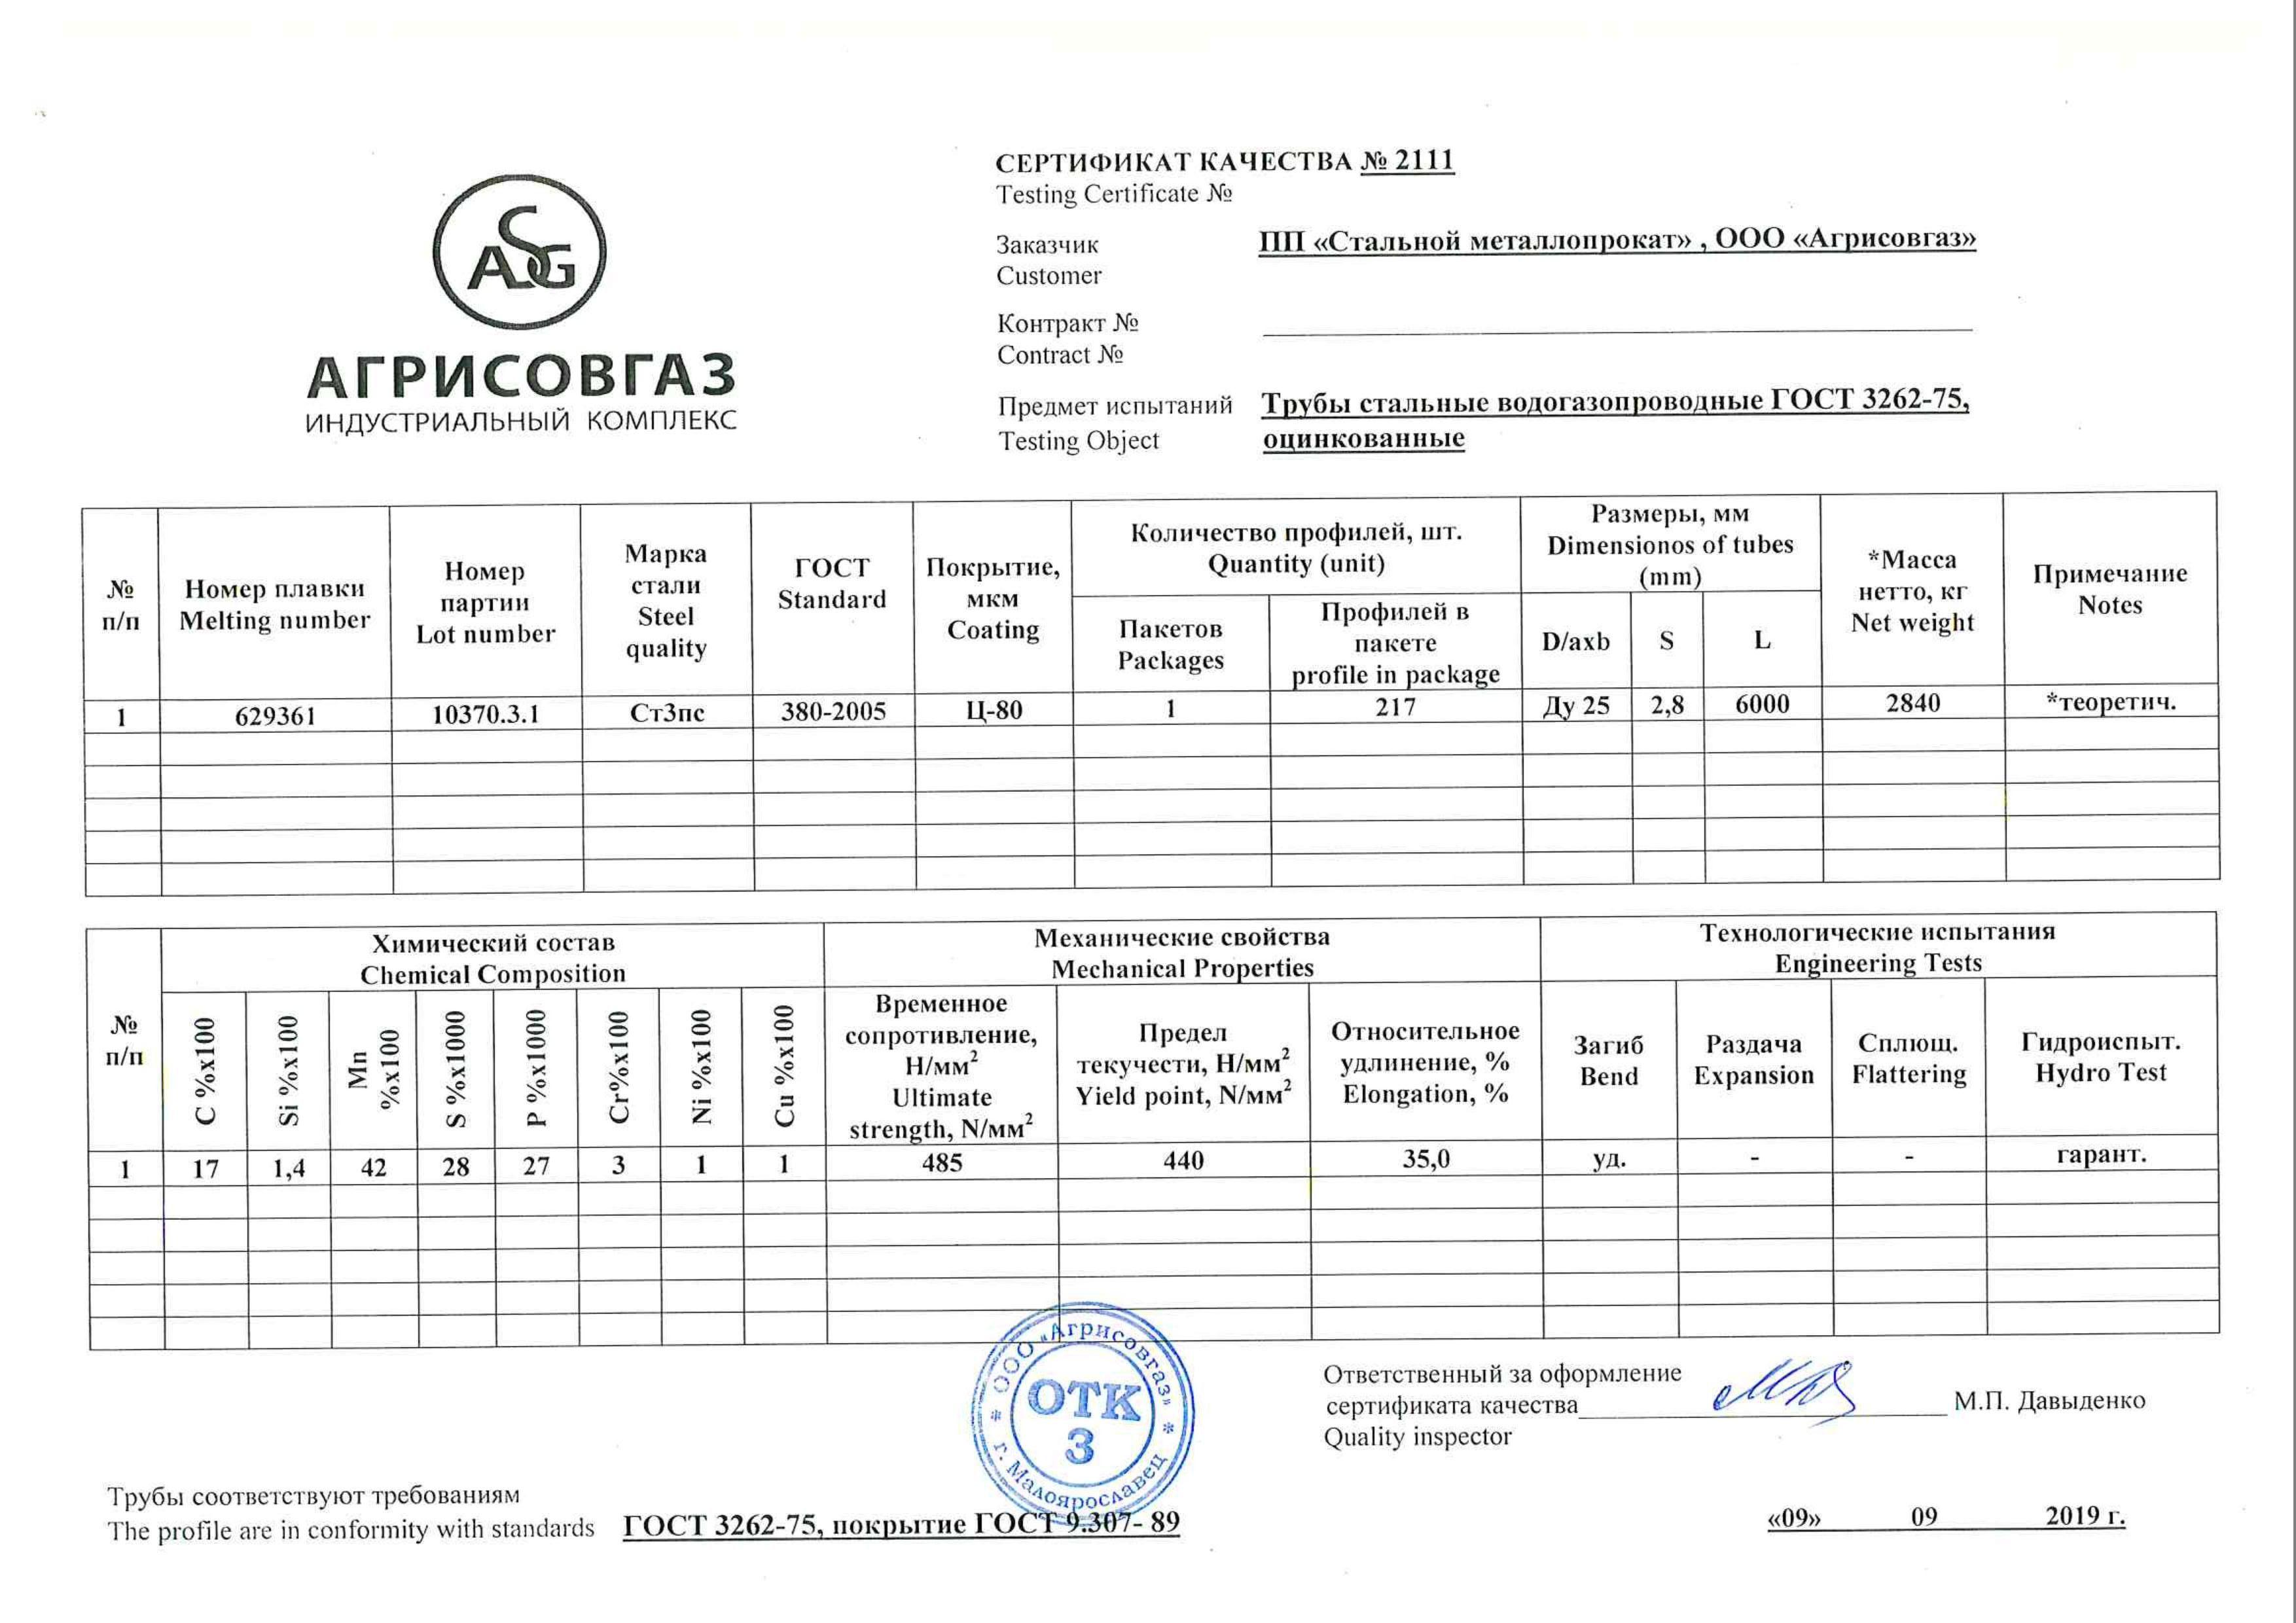 Труба вгп оцинкованная 25х2,8 сертификат